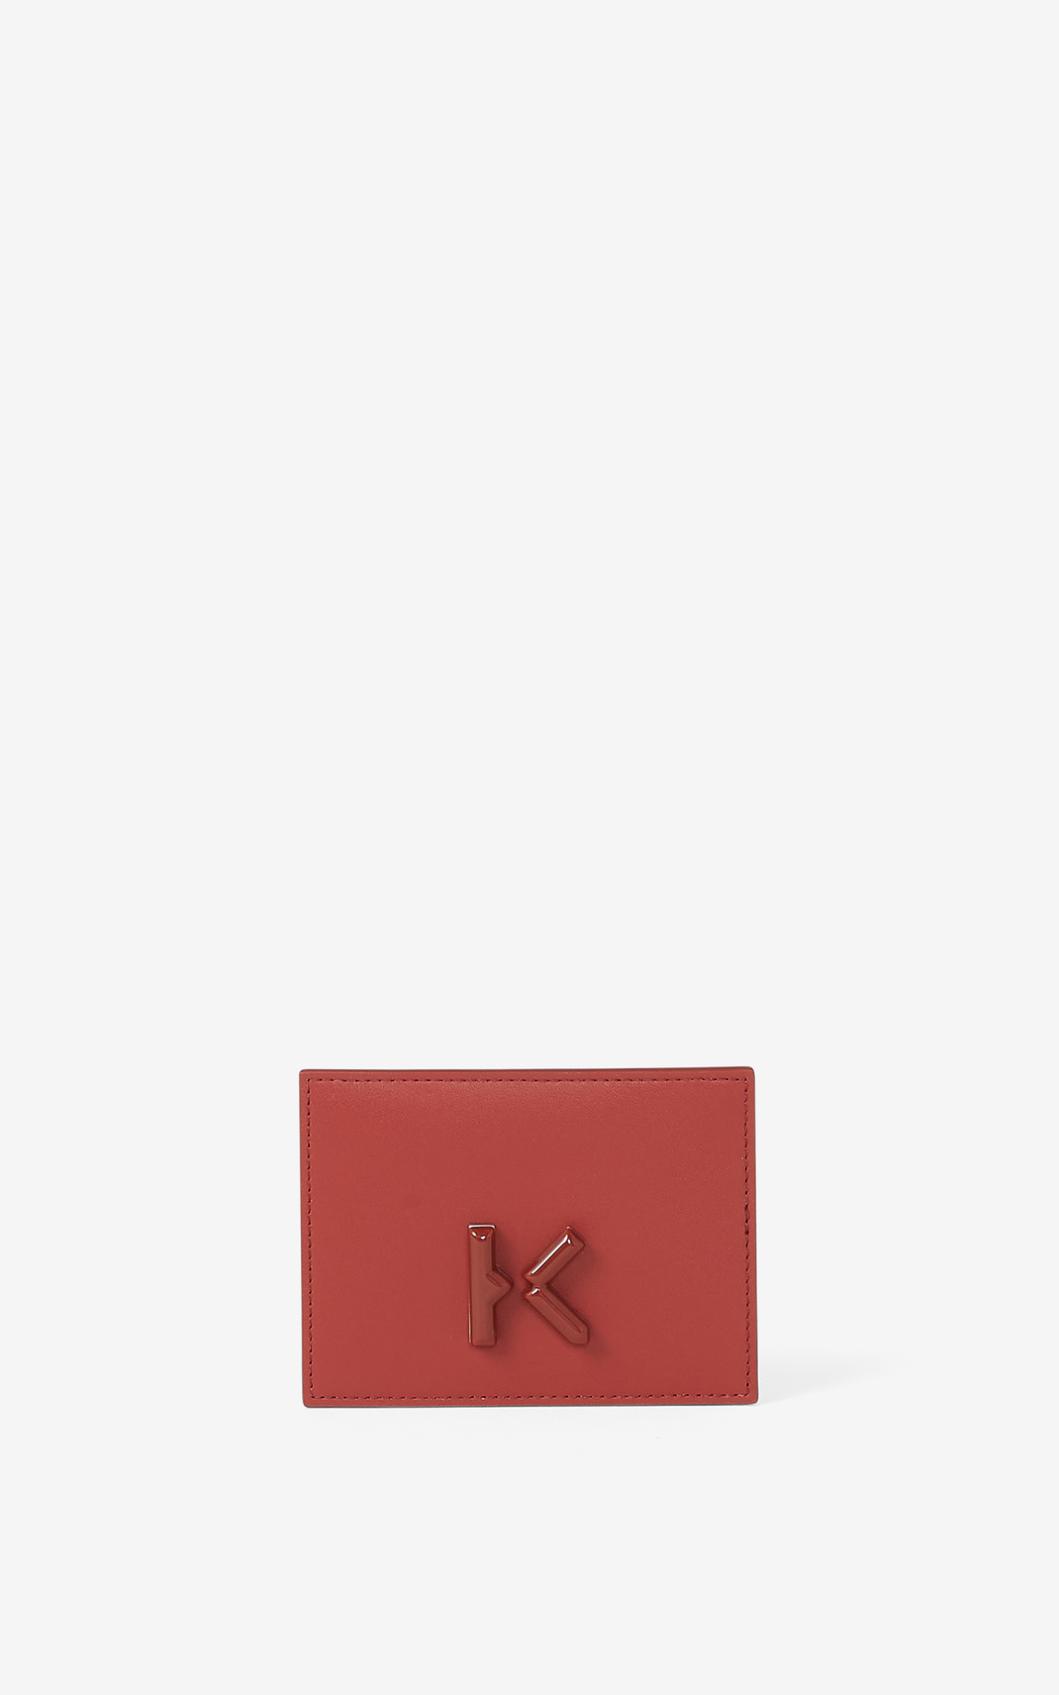 KENZO Porte-cartes KENZO K en cuir